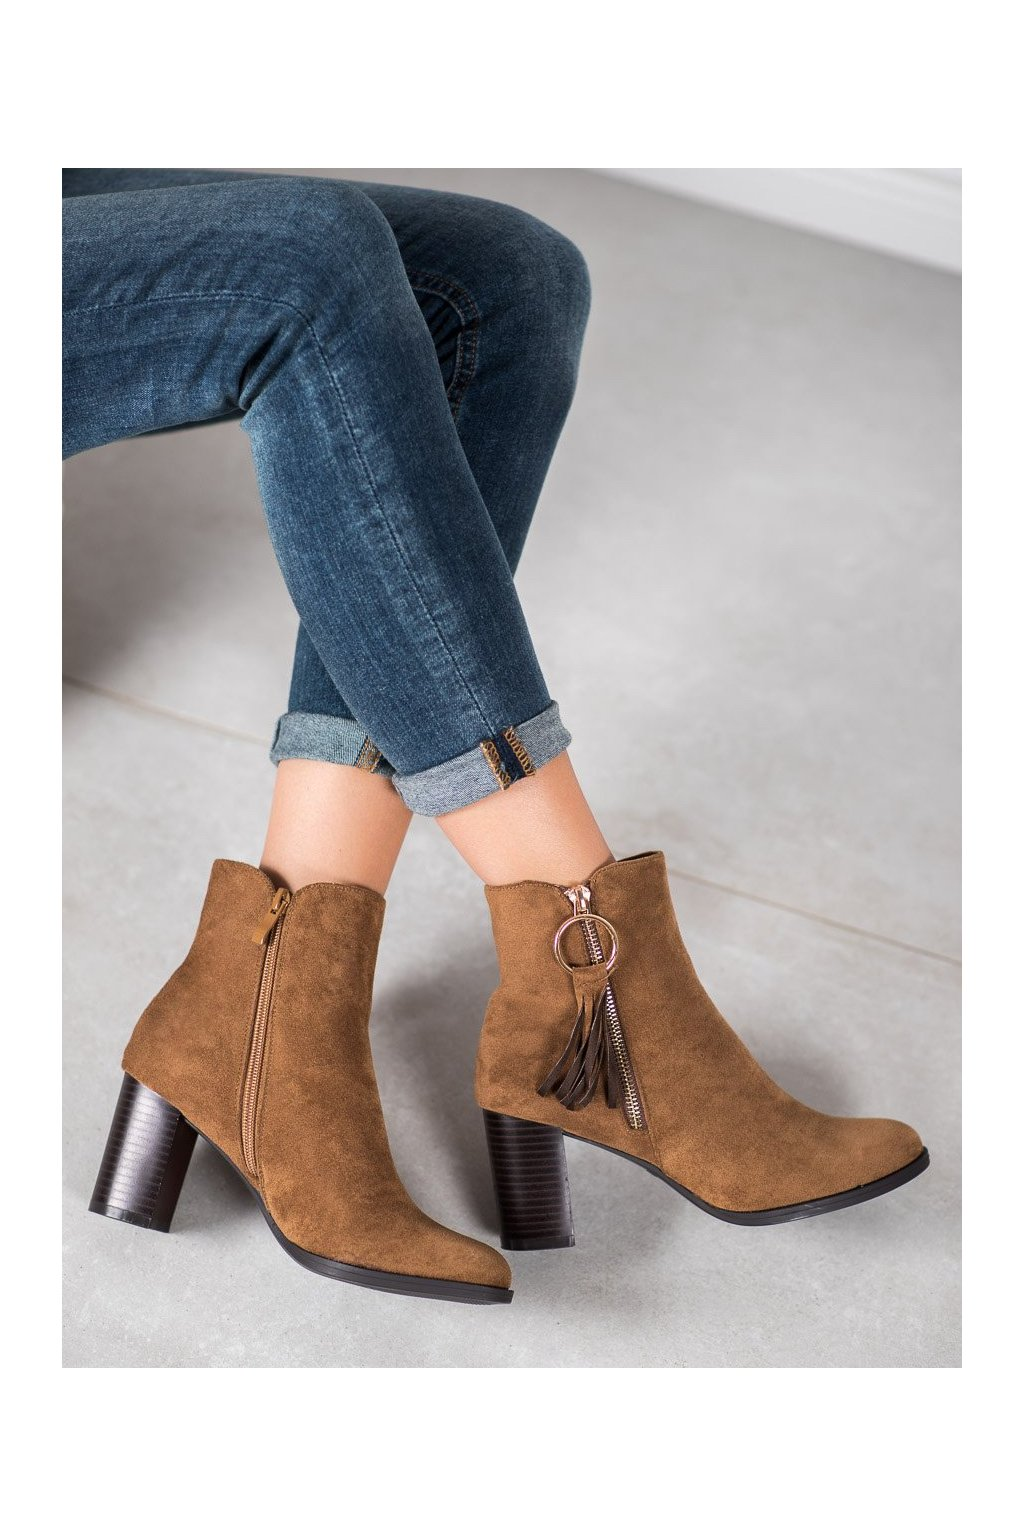 Hnedé dámske topánky Filippo kod DBT920/19BR